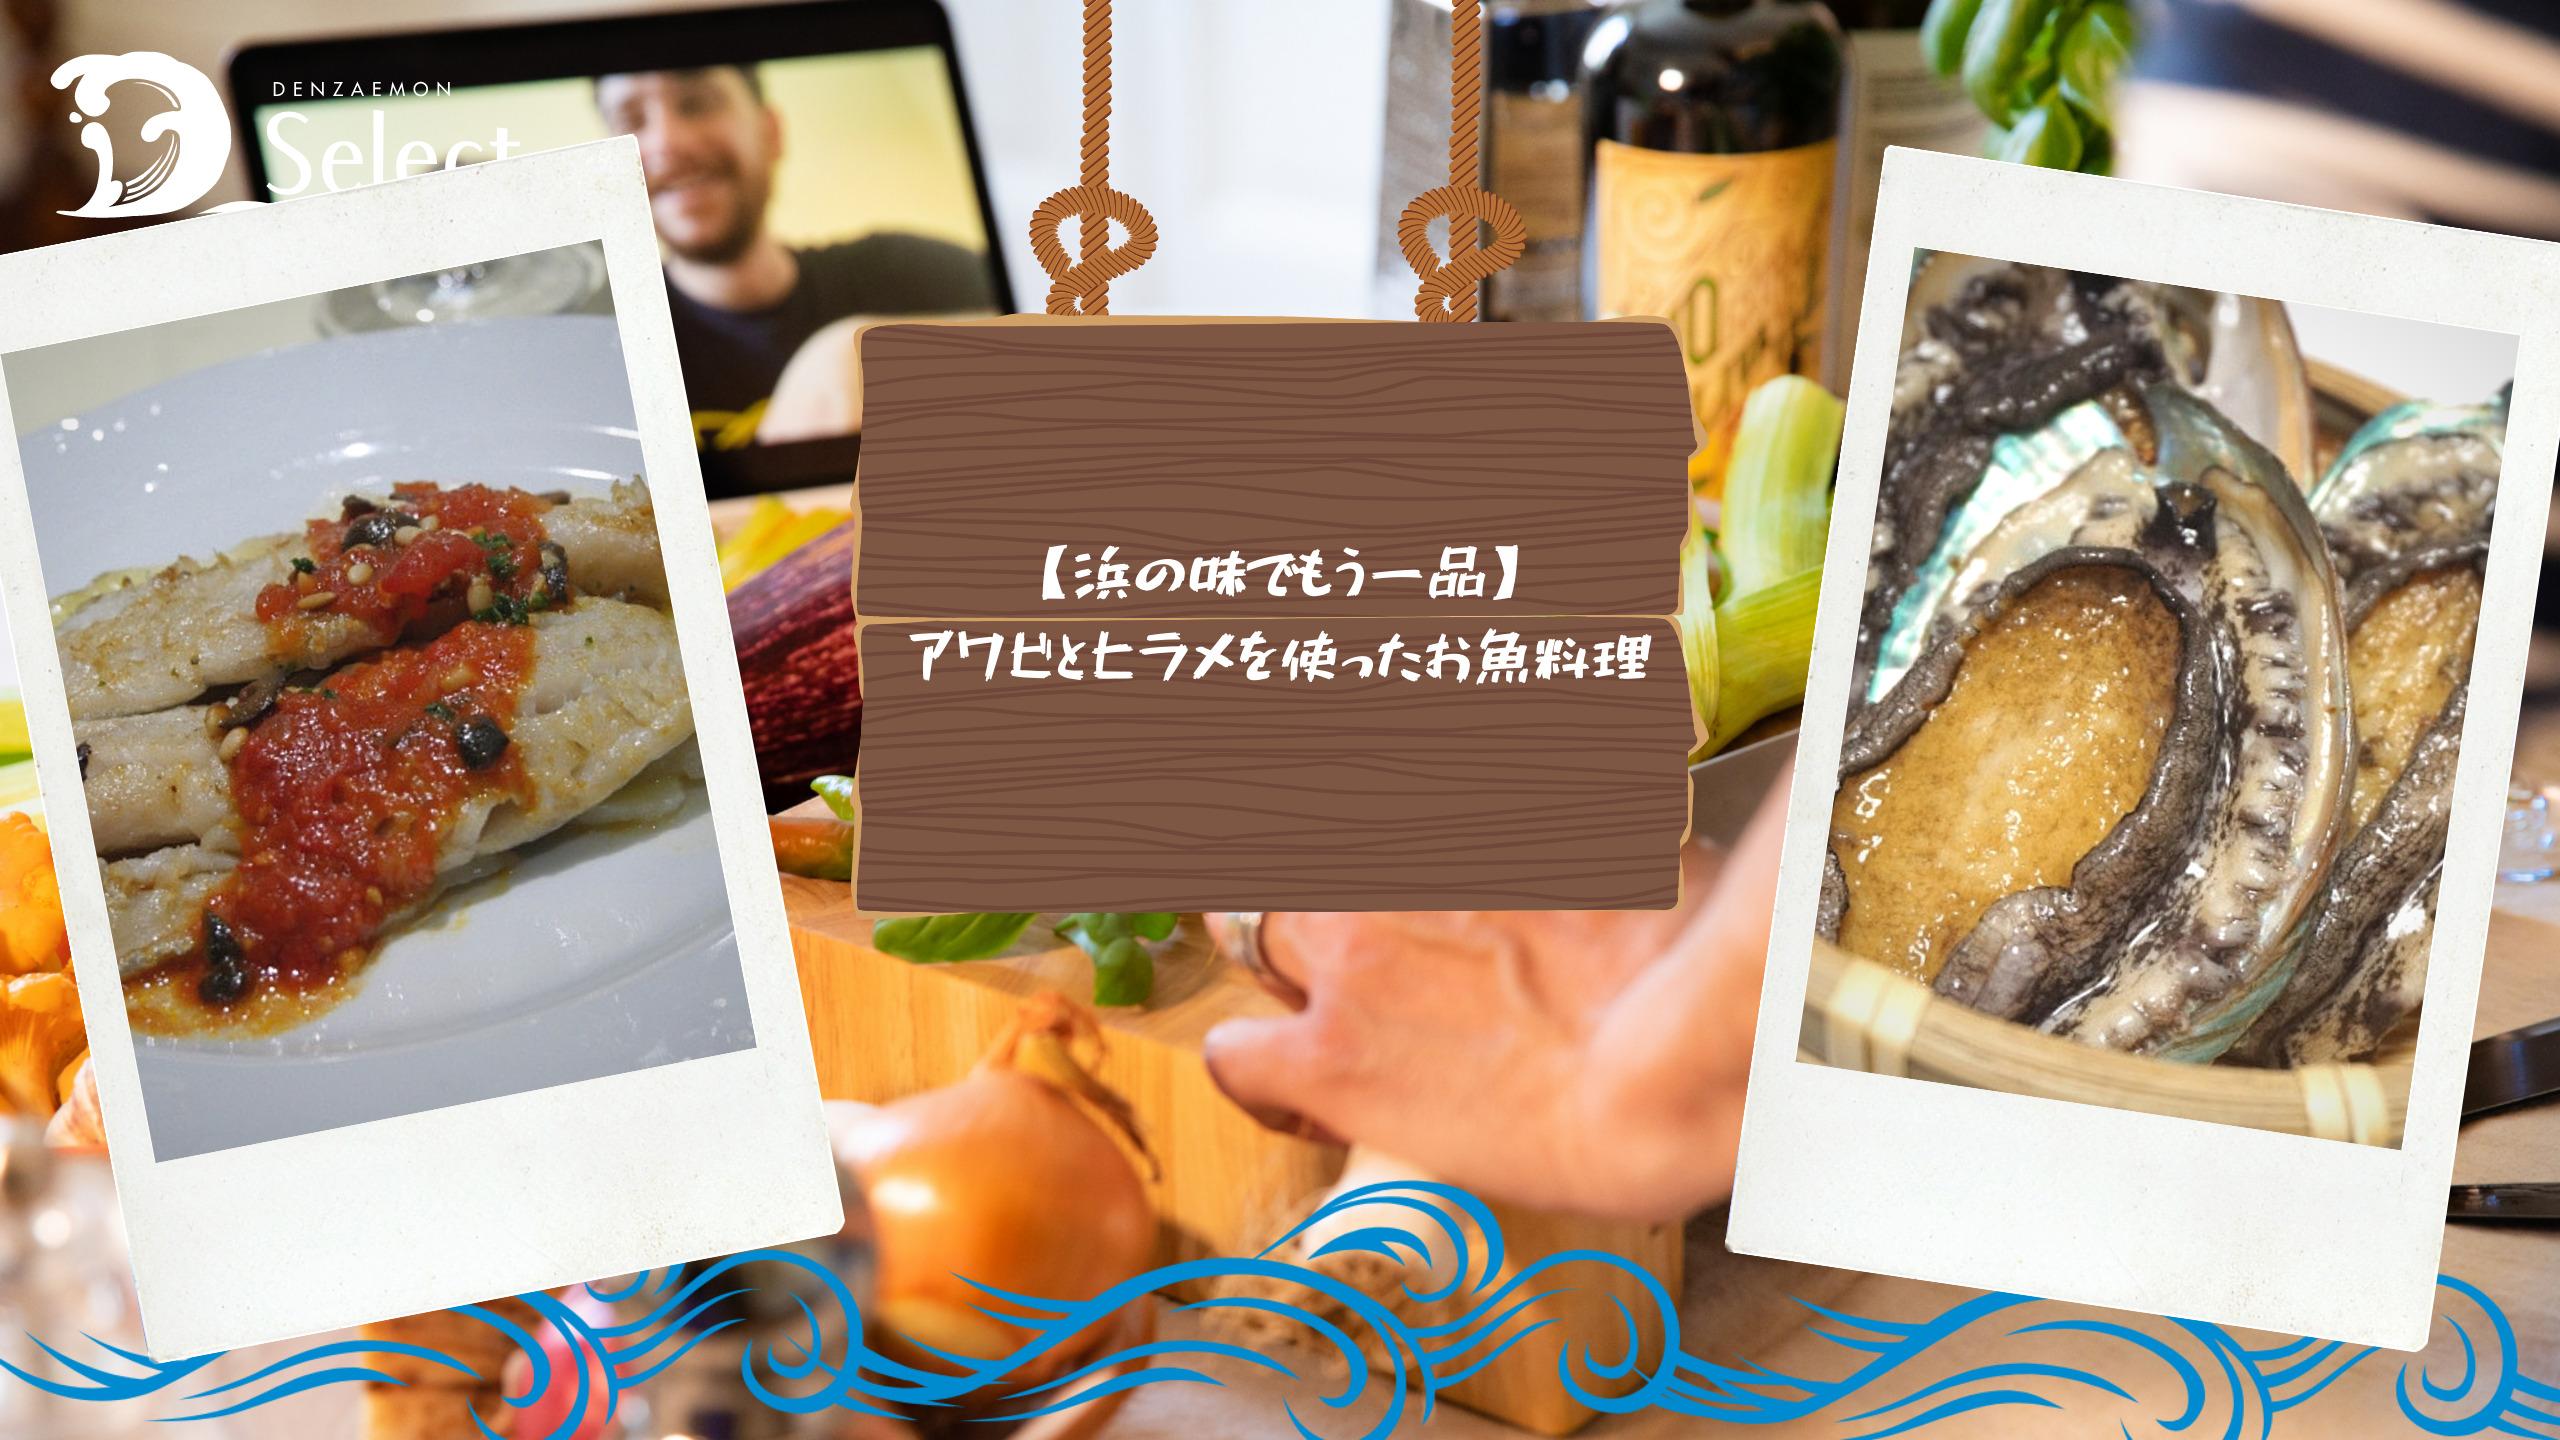 【浜の味でもう一品】アワビとヒラメを使ったお魚料理